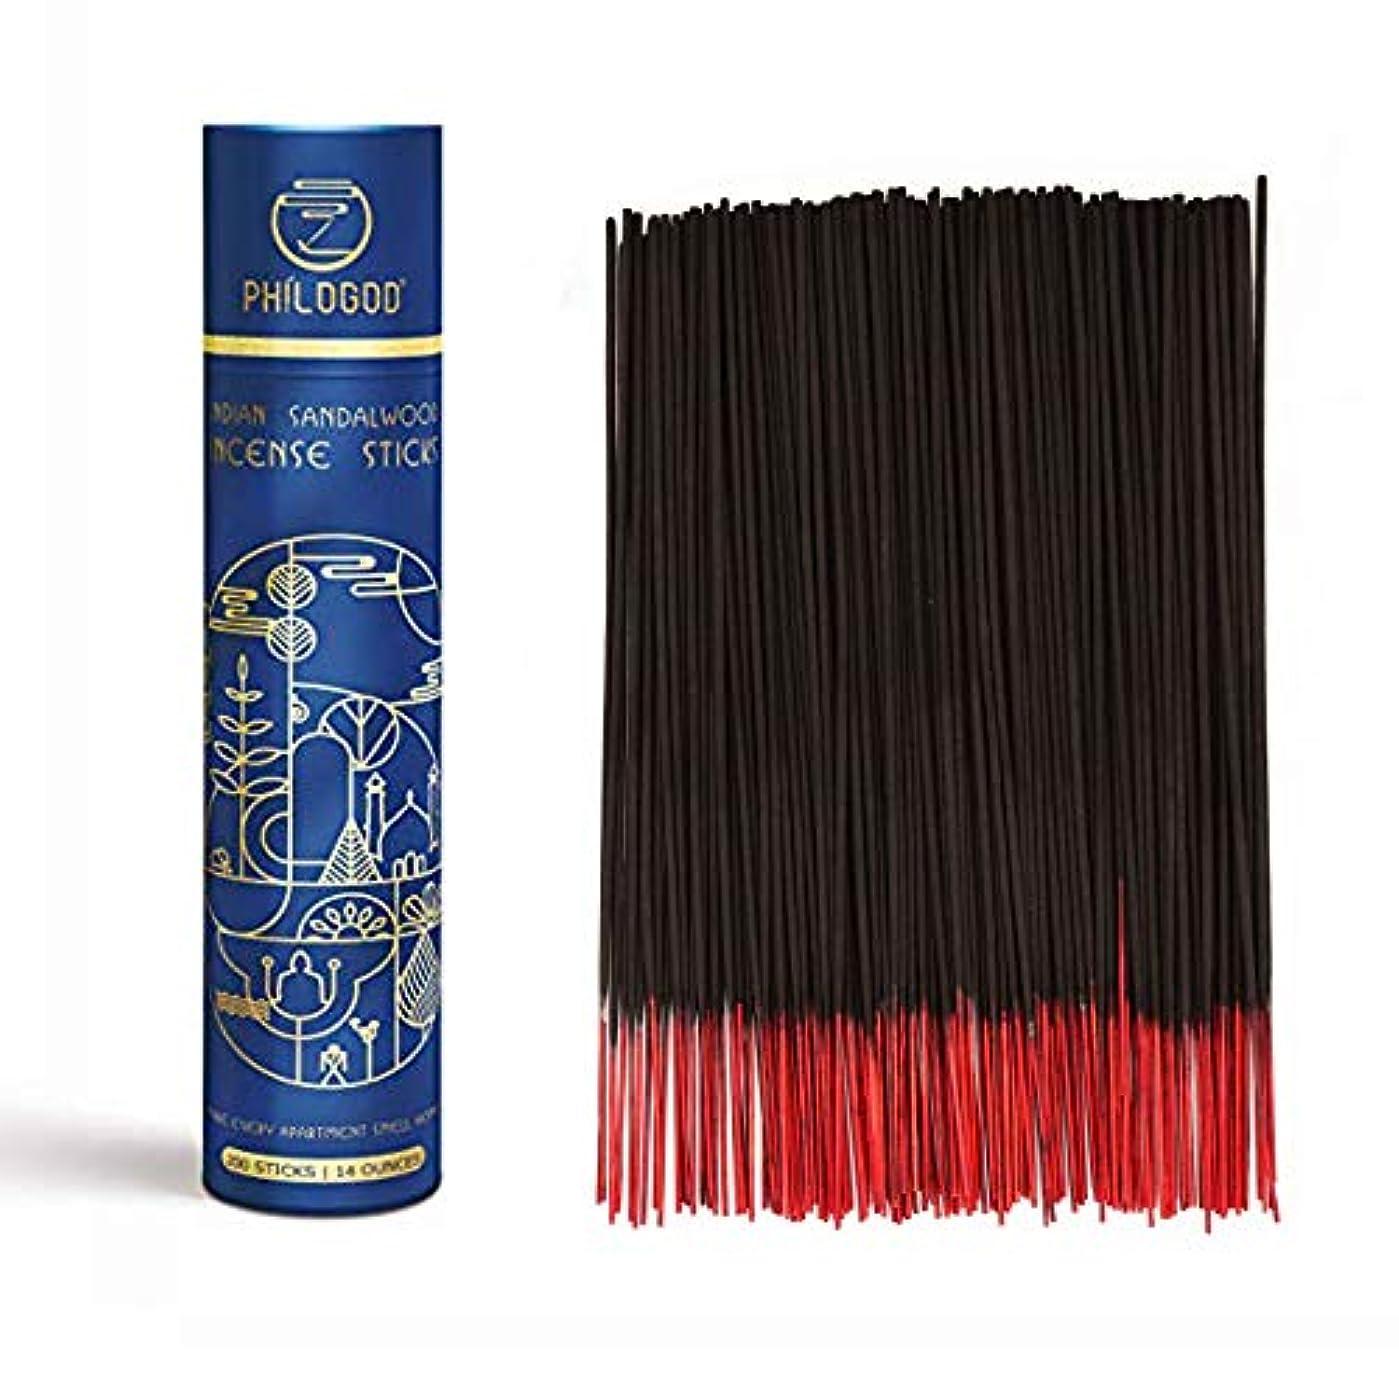 上質なインドお香スティック 手作り 100%ナチュラル 長続く線香 ヨガ瞑想 200本入れ (オリエンタル系)